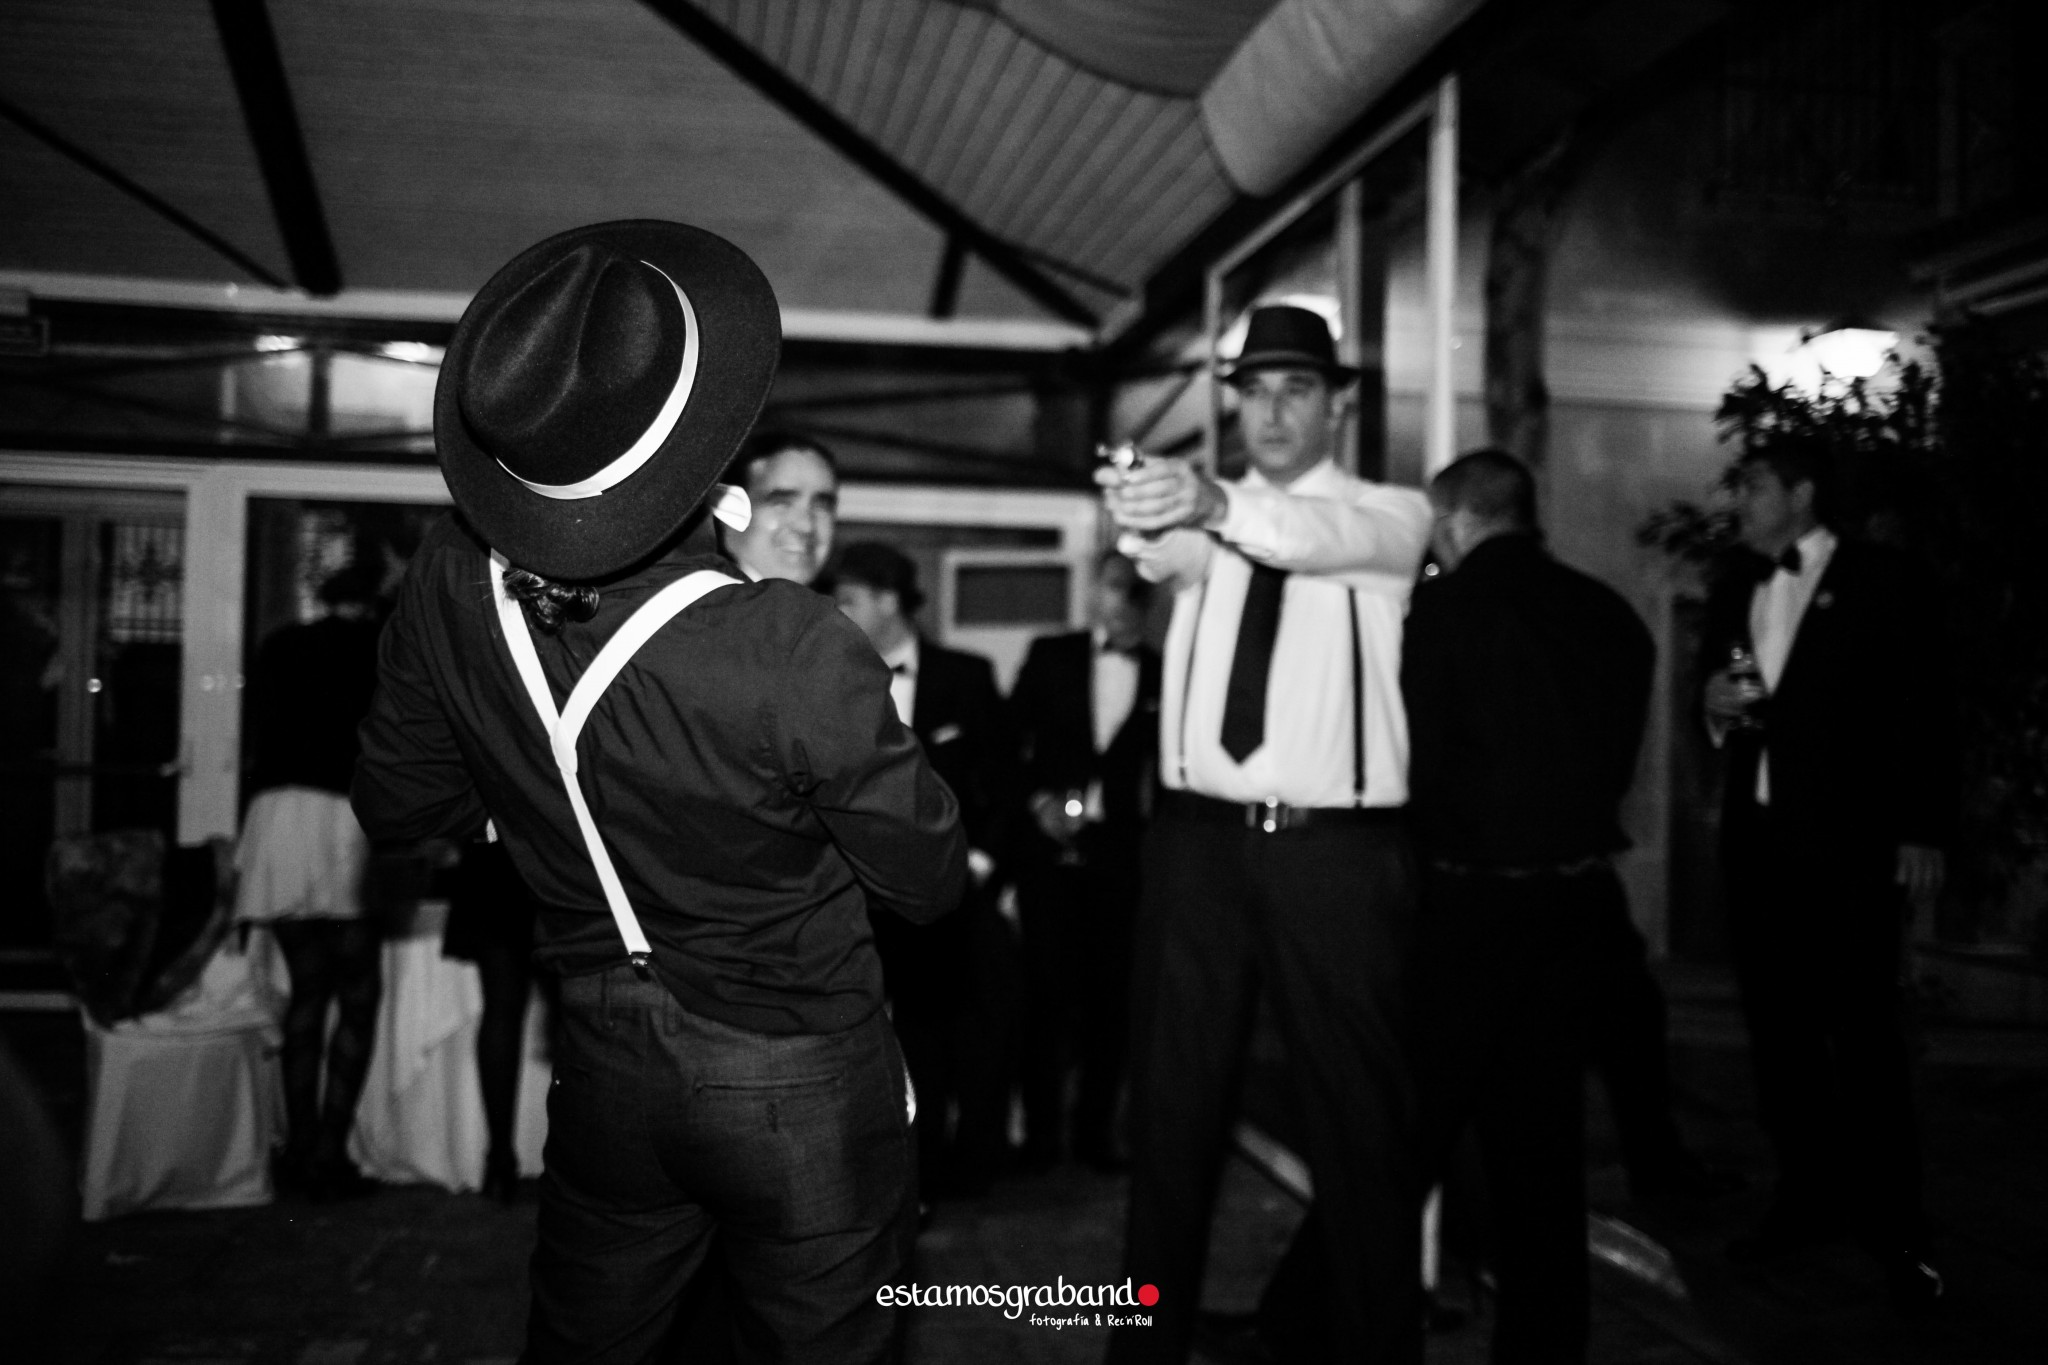 Años-20-BBTP-74-de-109 Los locos Años 20 [Fotografía en La Teta de Julieta, Cádiz] - video boda cadiz